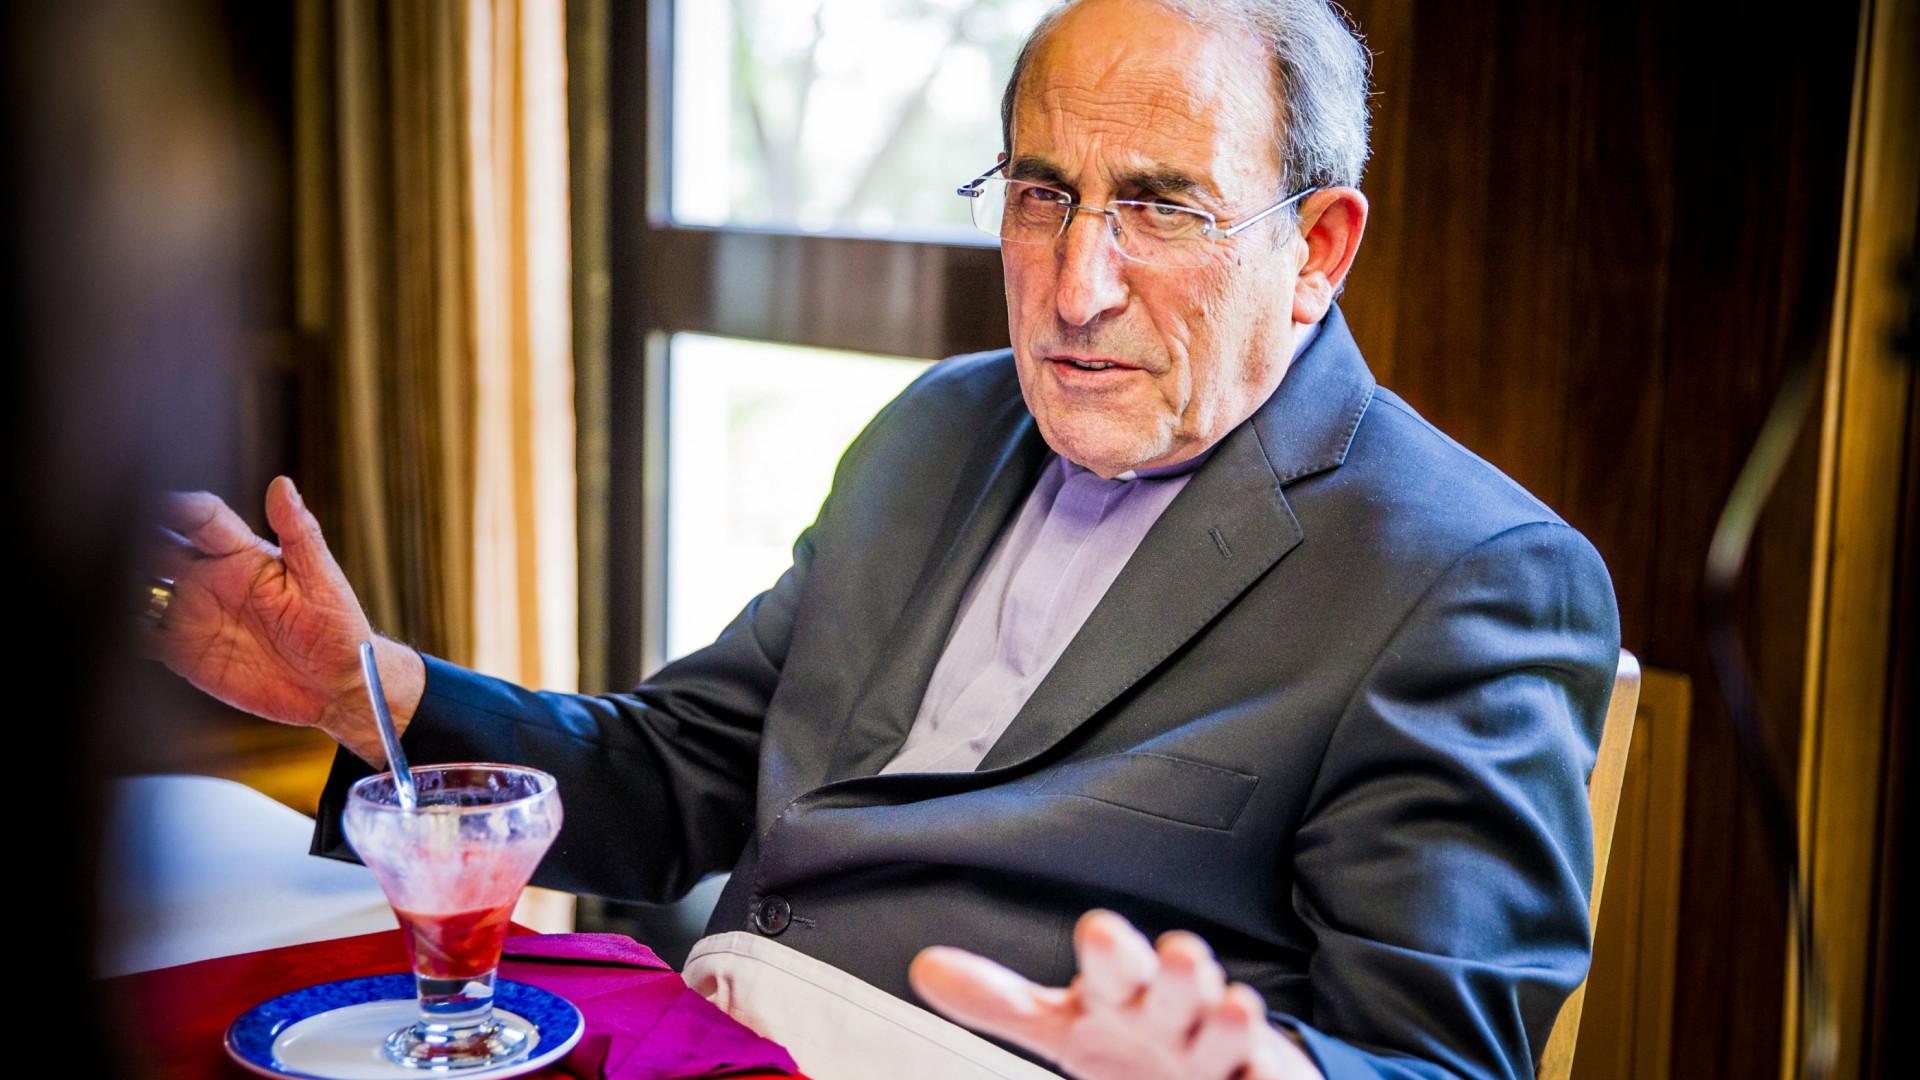 Bispo de Leiria-Fátima pede que padres doem um dia de trabalho à Cáritas